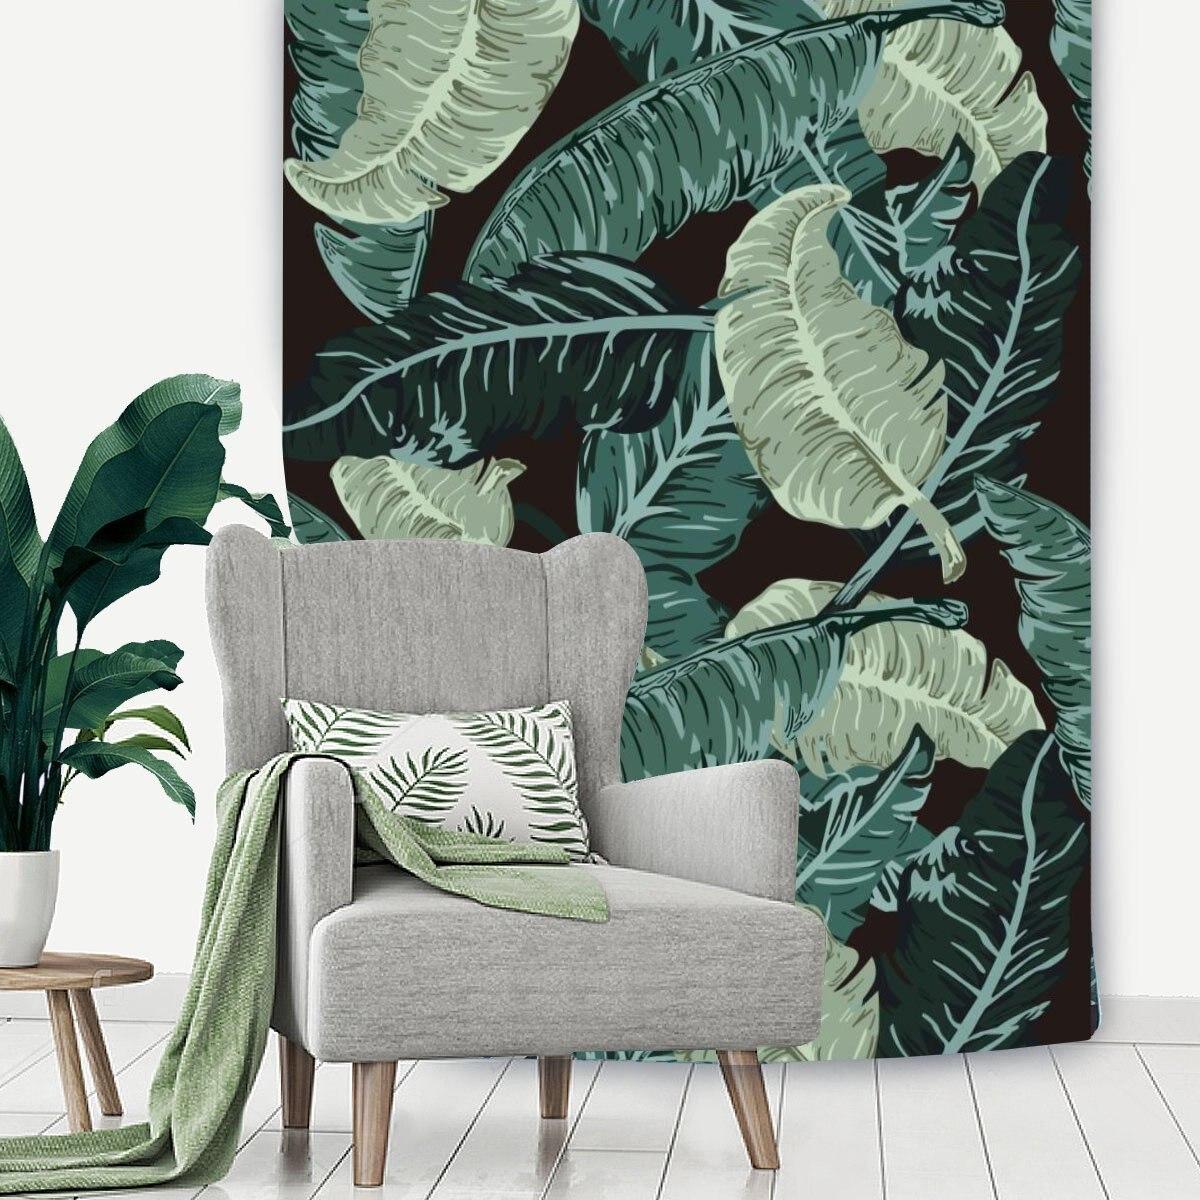 Vert Tropical Cactus Palmier Feuilles Fleur Décoratif Tapisserie Tentures Murales Tissu Tapisseries Carte Home Decor Tapiz Pared